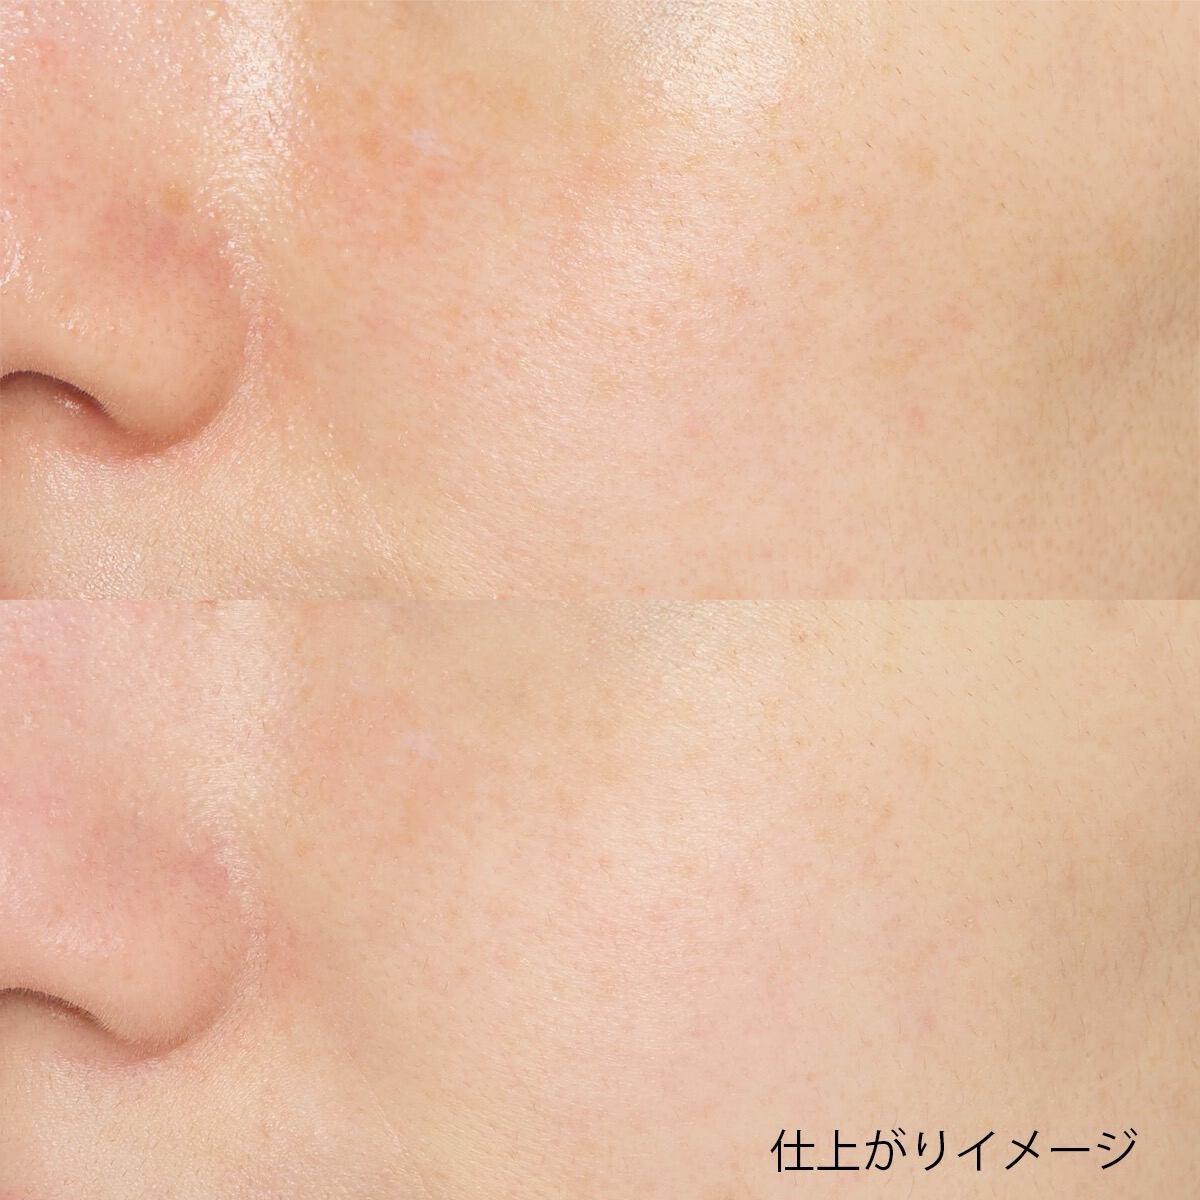 テカリ肌の救世主!マシュマロ美白肌を叶える化粧下地に関する画像15